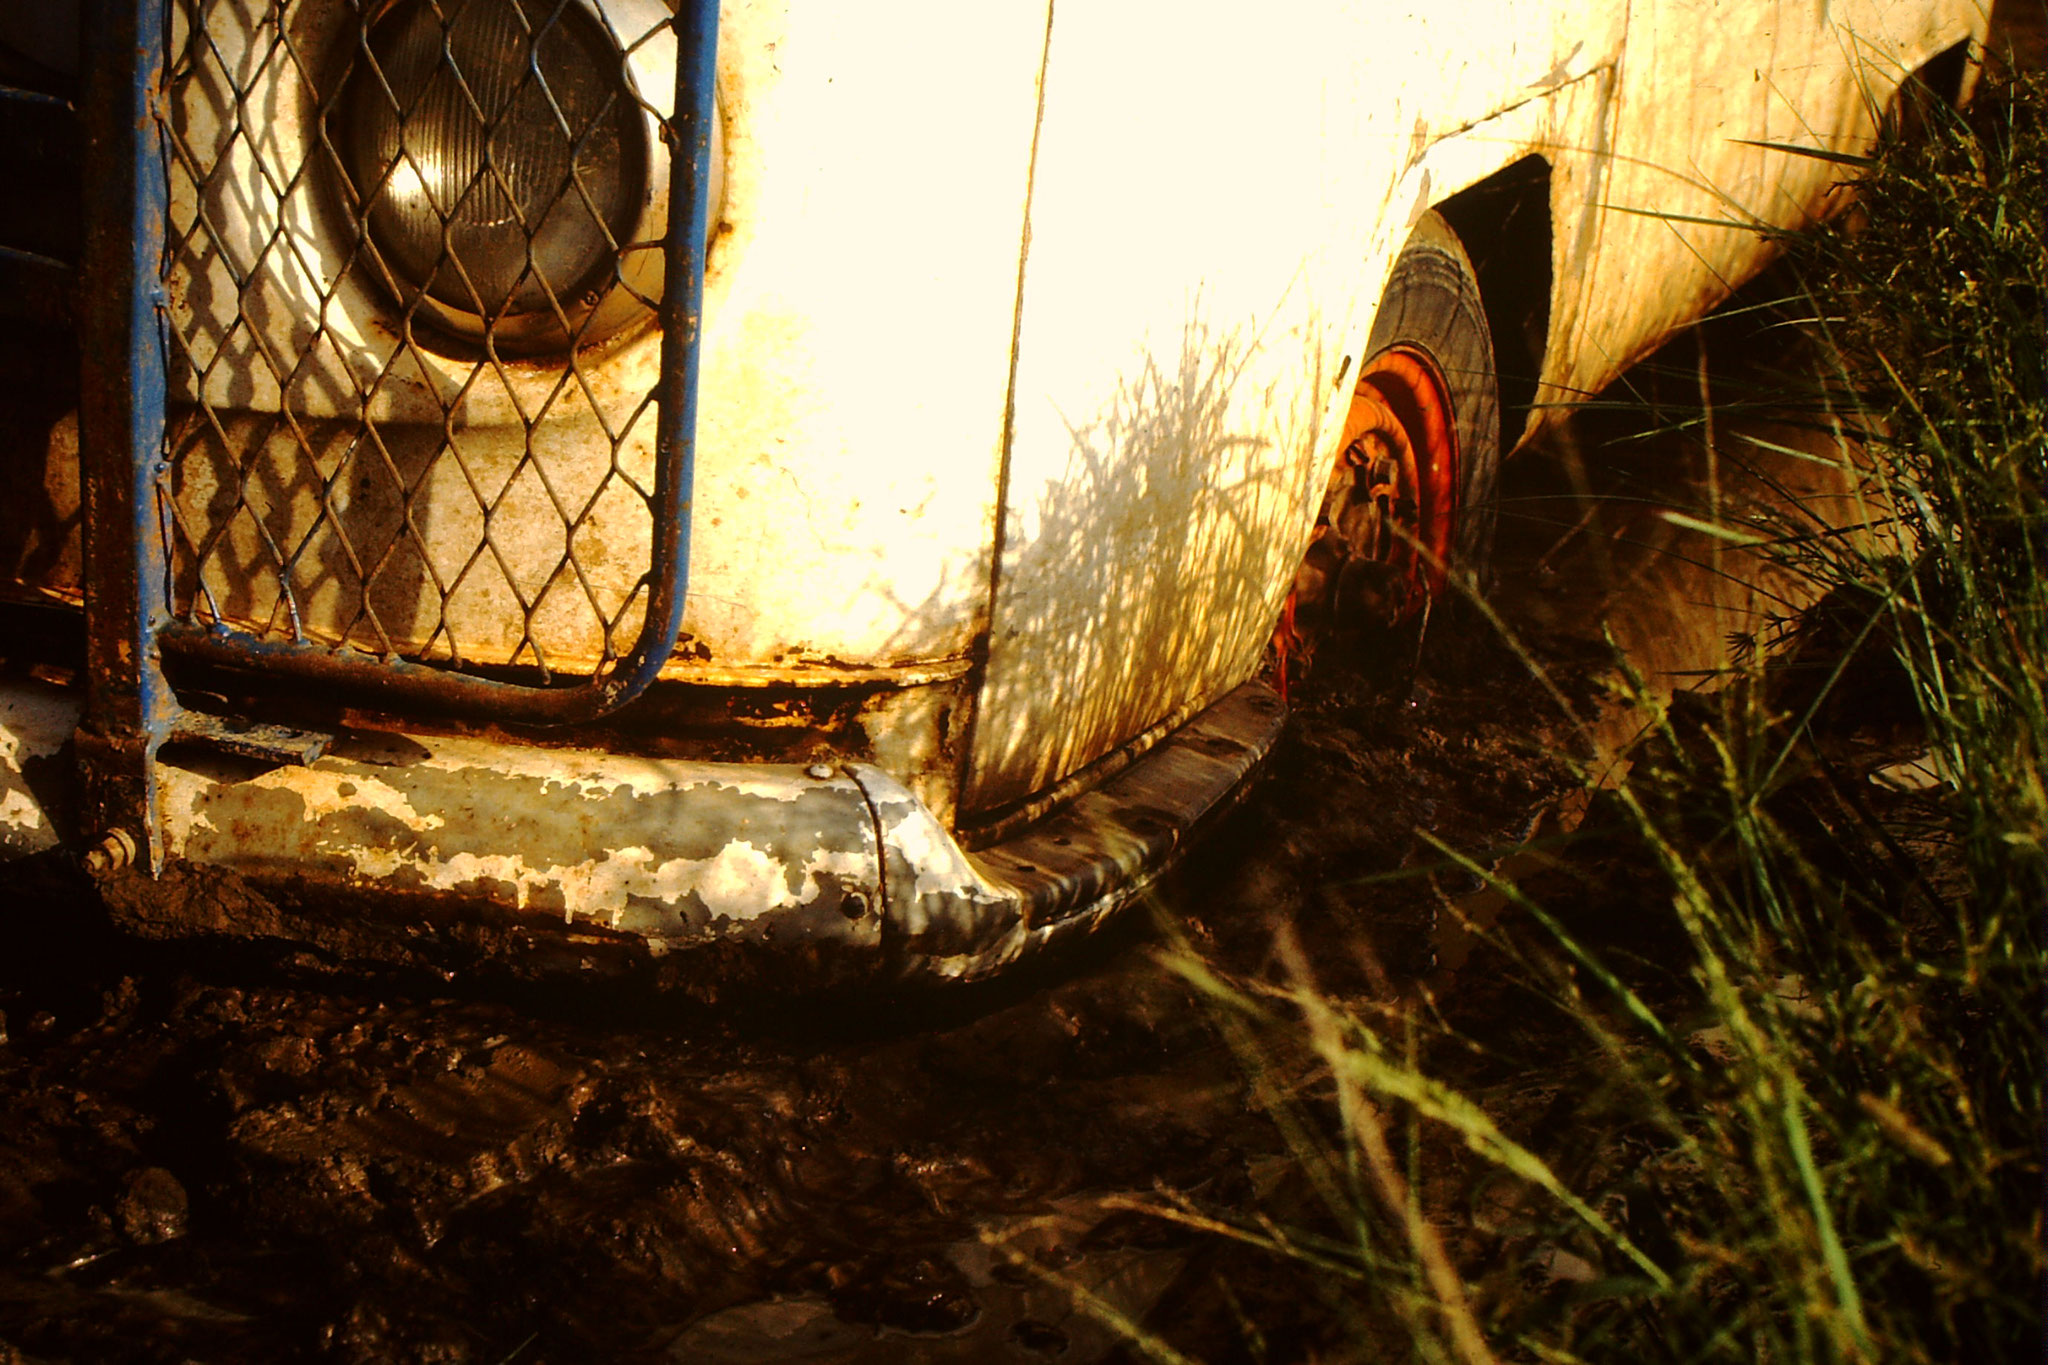 23. Beim Zurückfahren durch das Sumpfgebiet, gerieten wir aber in echte Bedrängnis. Nun holte Alexander zu Fuss Hilfe im etwa 4 Kilometer entfernten  Bandiagara. Ein Missionar kam uns zu Hilfe. Er hatte ein Toyota Landcruiser. Doch schon bei der Barage, w